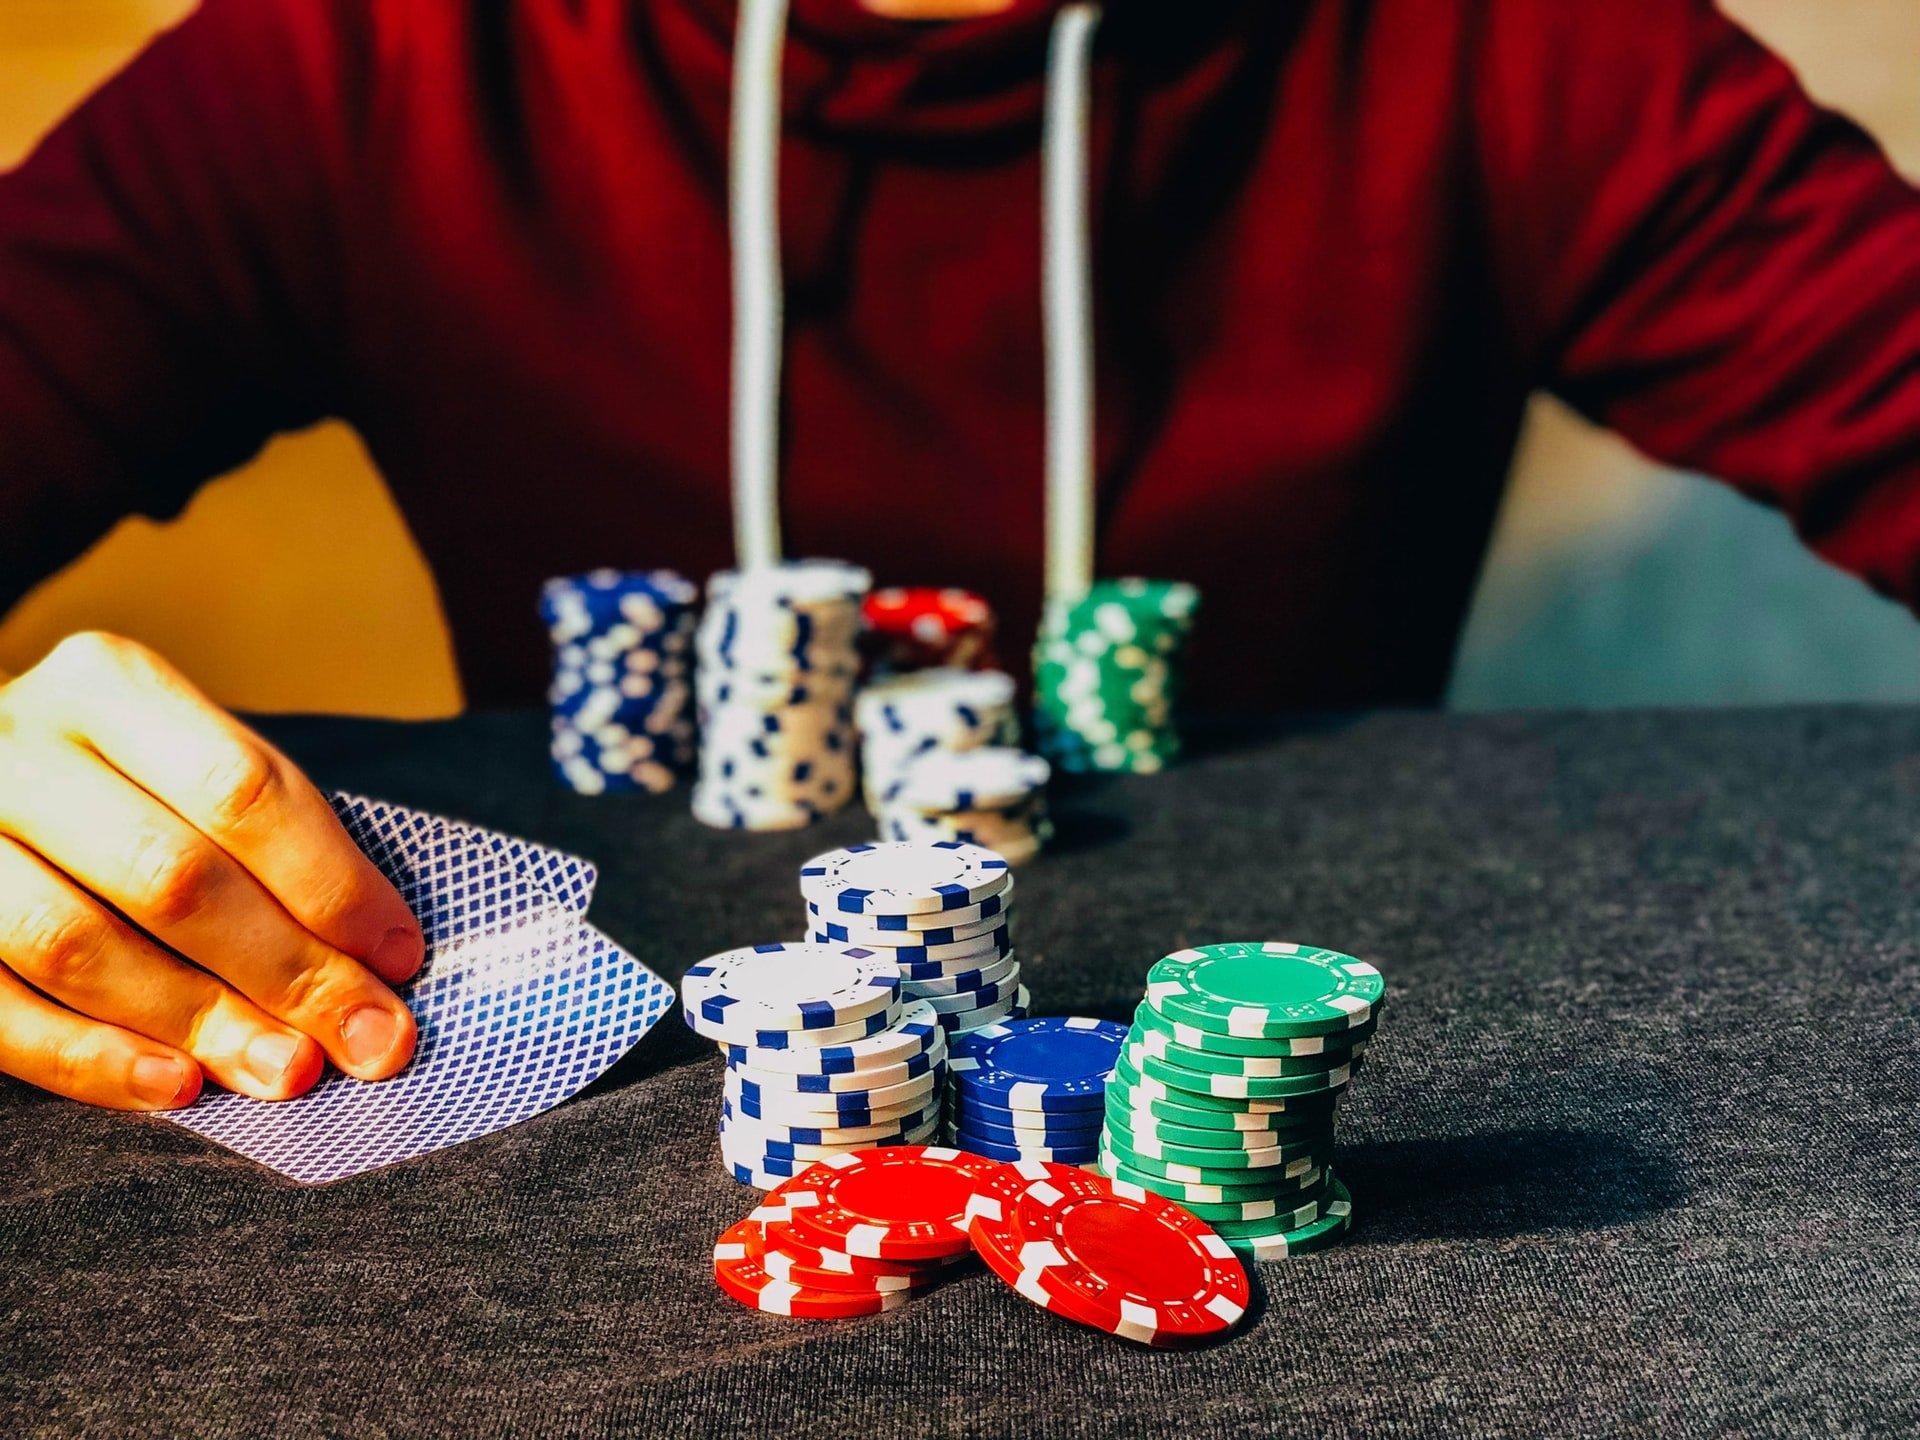 Luotettavassa Mr Green –nettikasinossa pelaaminen on monelle suomalaiselle tapa rentoutua ja pitää hauskaa